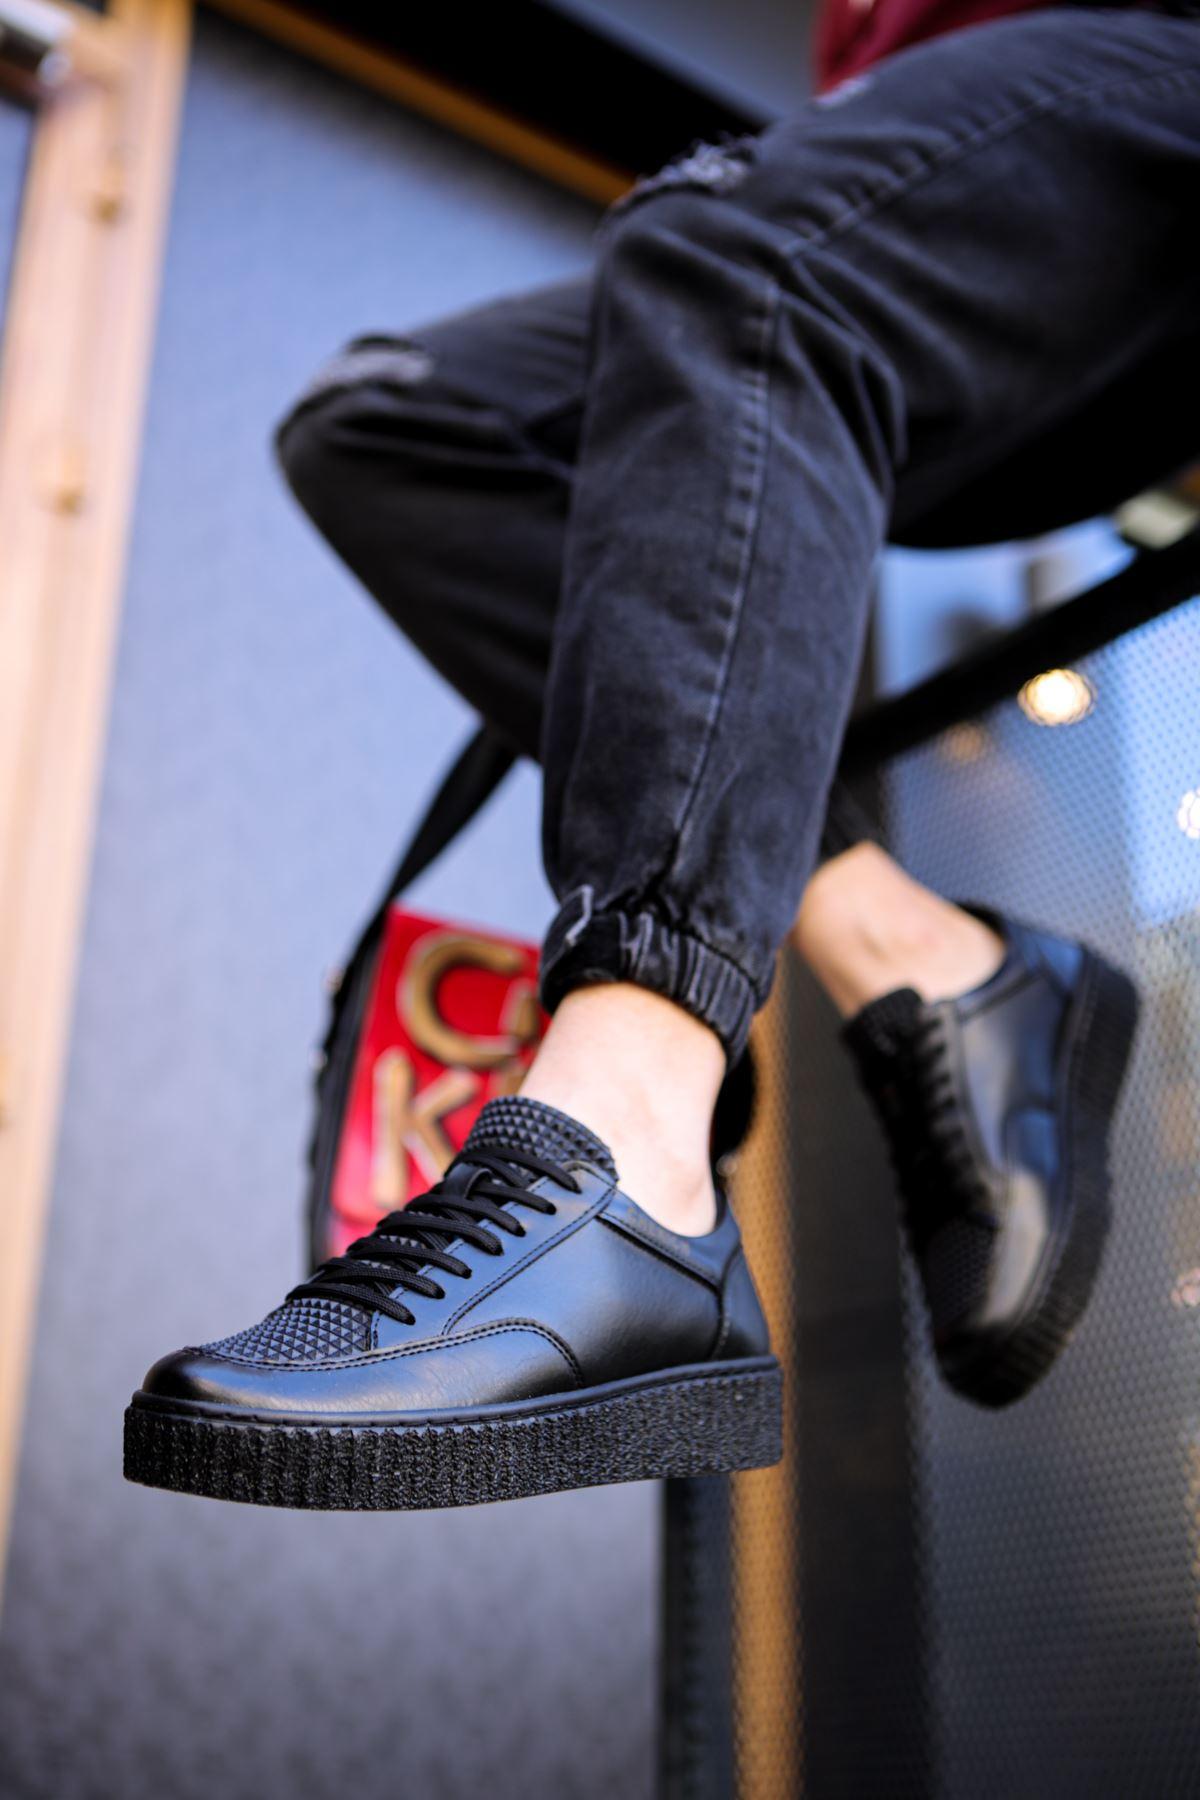 Chekich CH017 ST Erkek Ayakkabı SIYAH